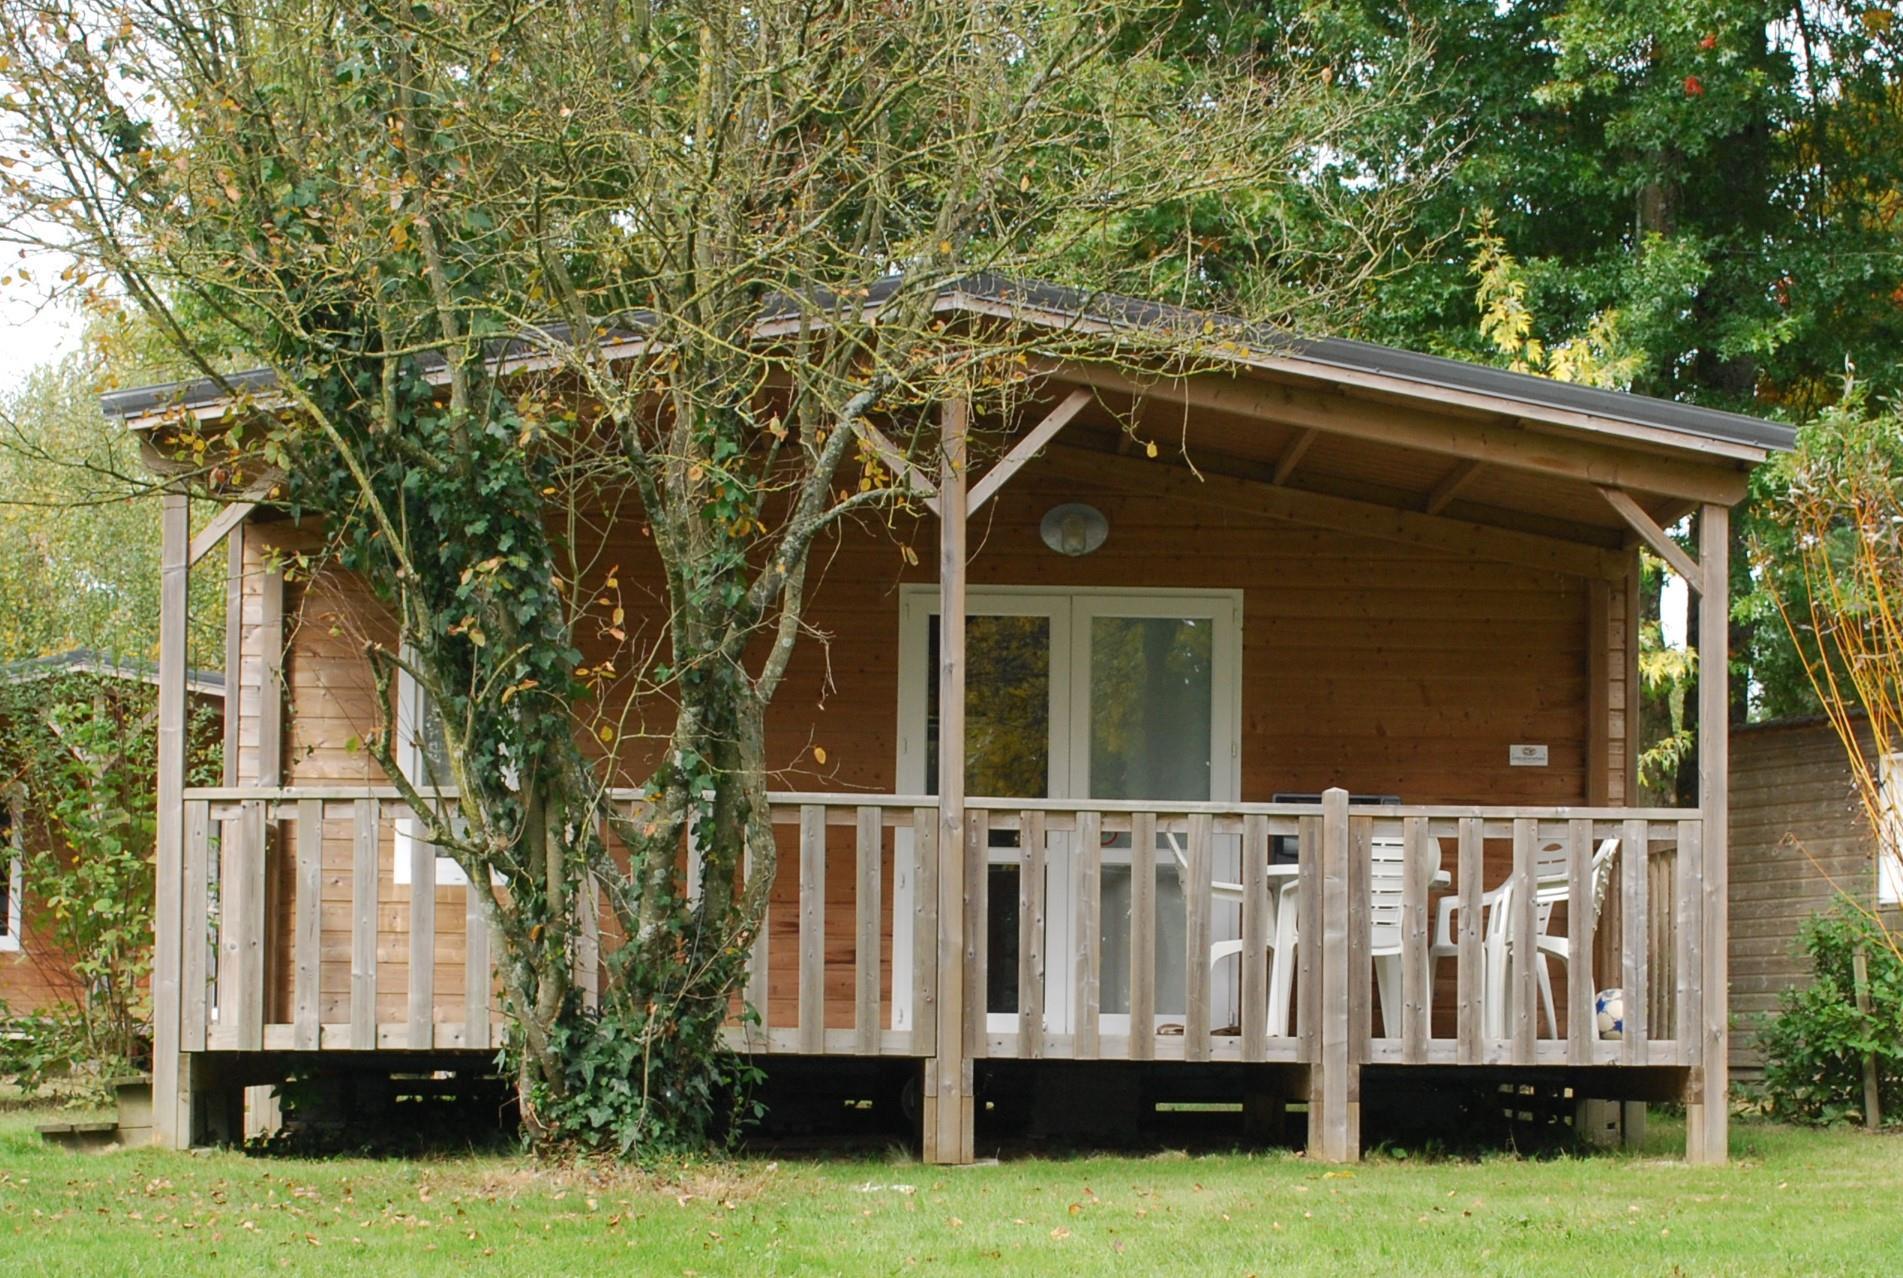 Location - Confort+ Chalet 24M² (2 Chambres) + Terrasse Couverte - Camping Du Lac de la Chausselière